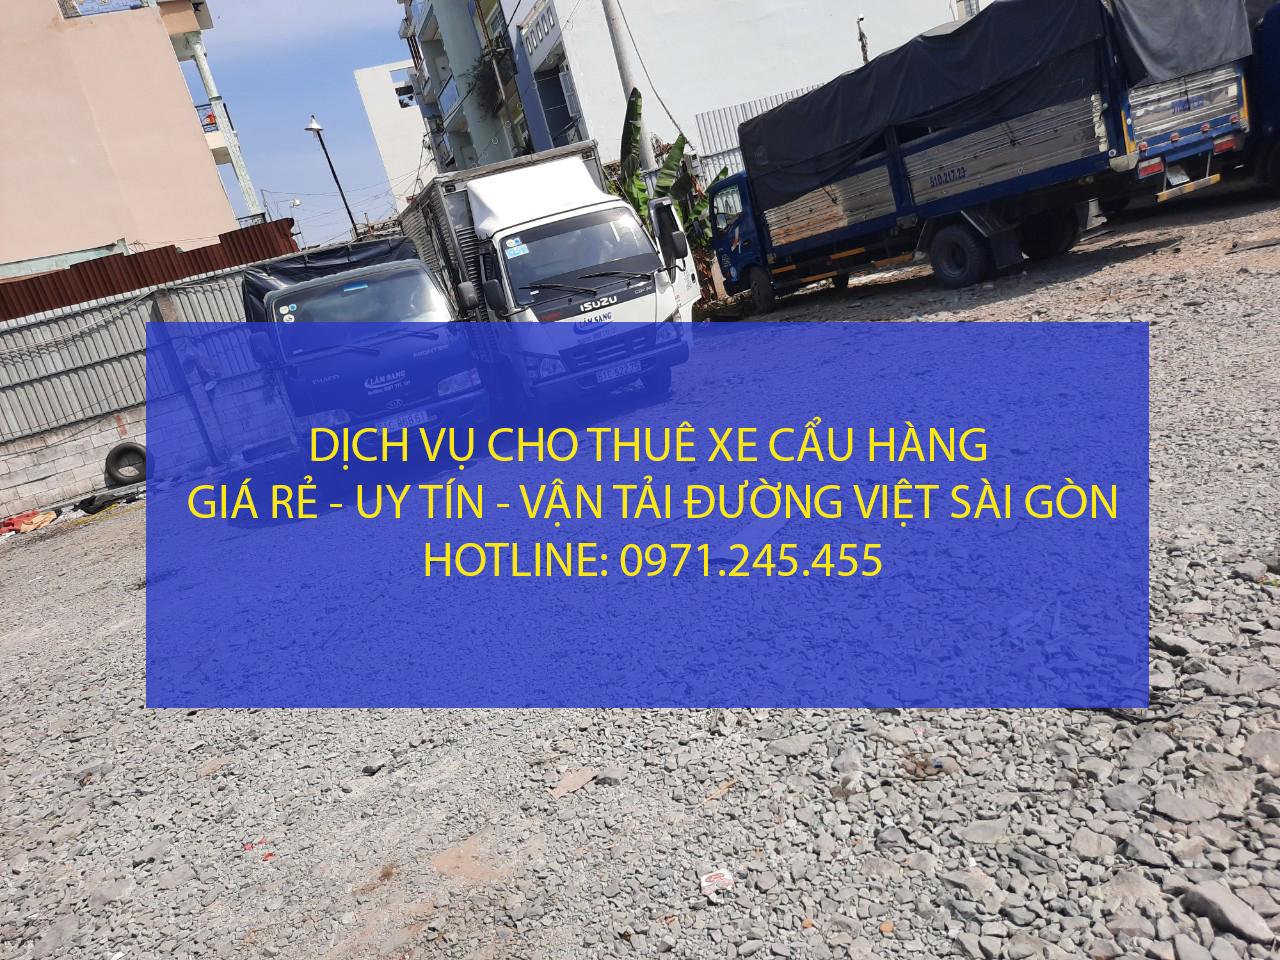 Dịch vụ cho thuê xe cẩu chở hàng – Vận tải Đường Việt